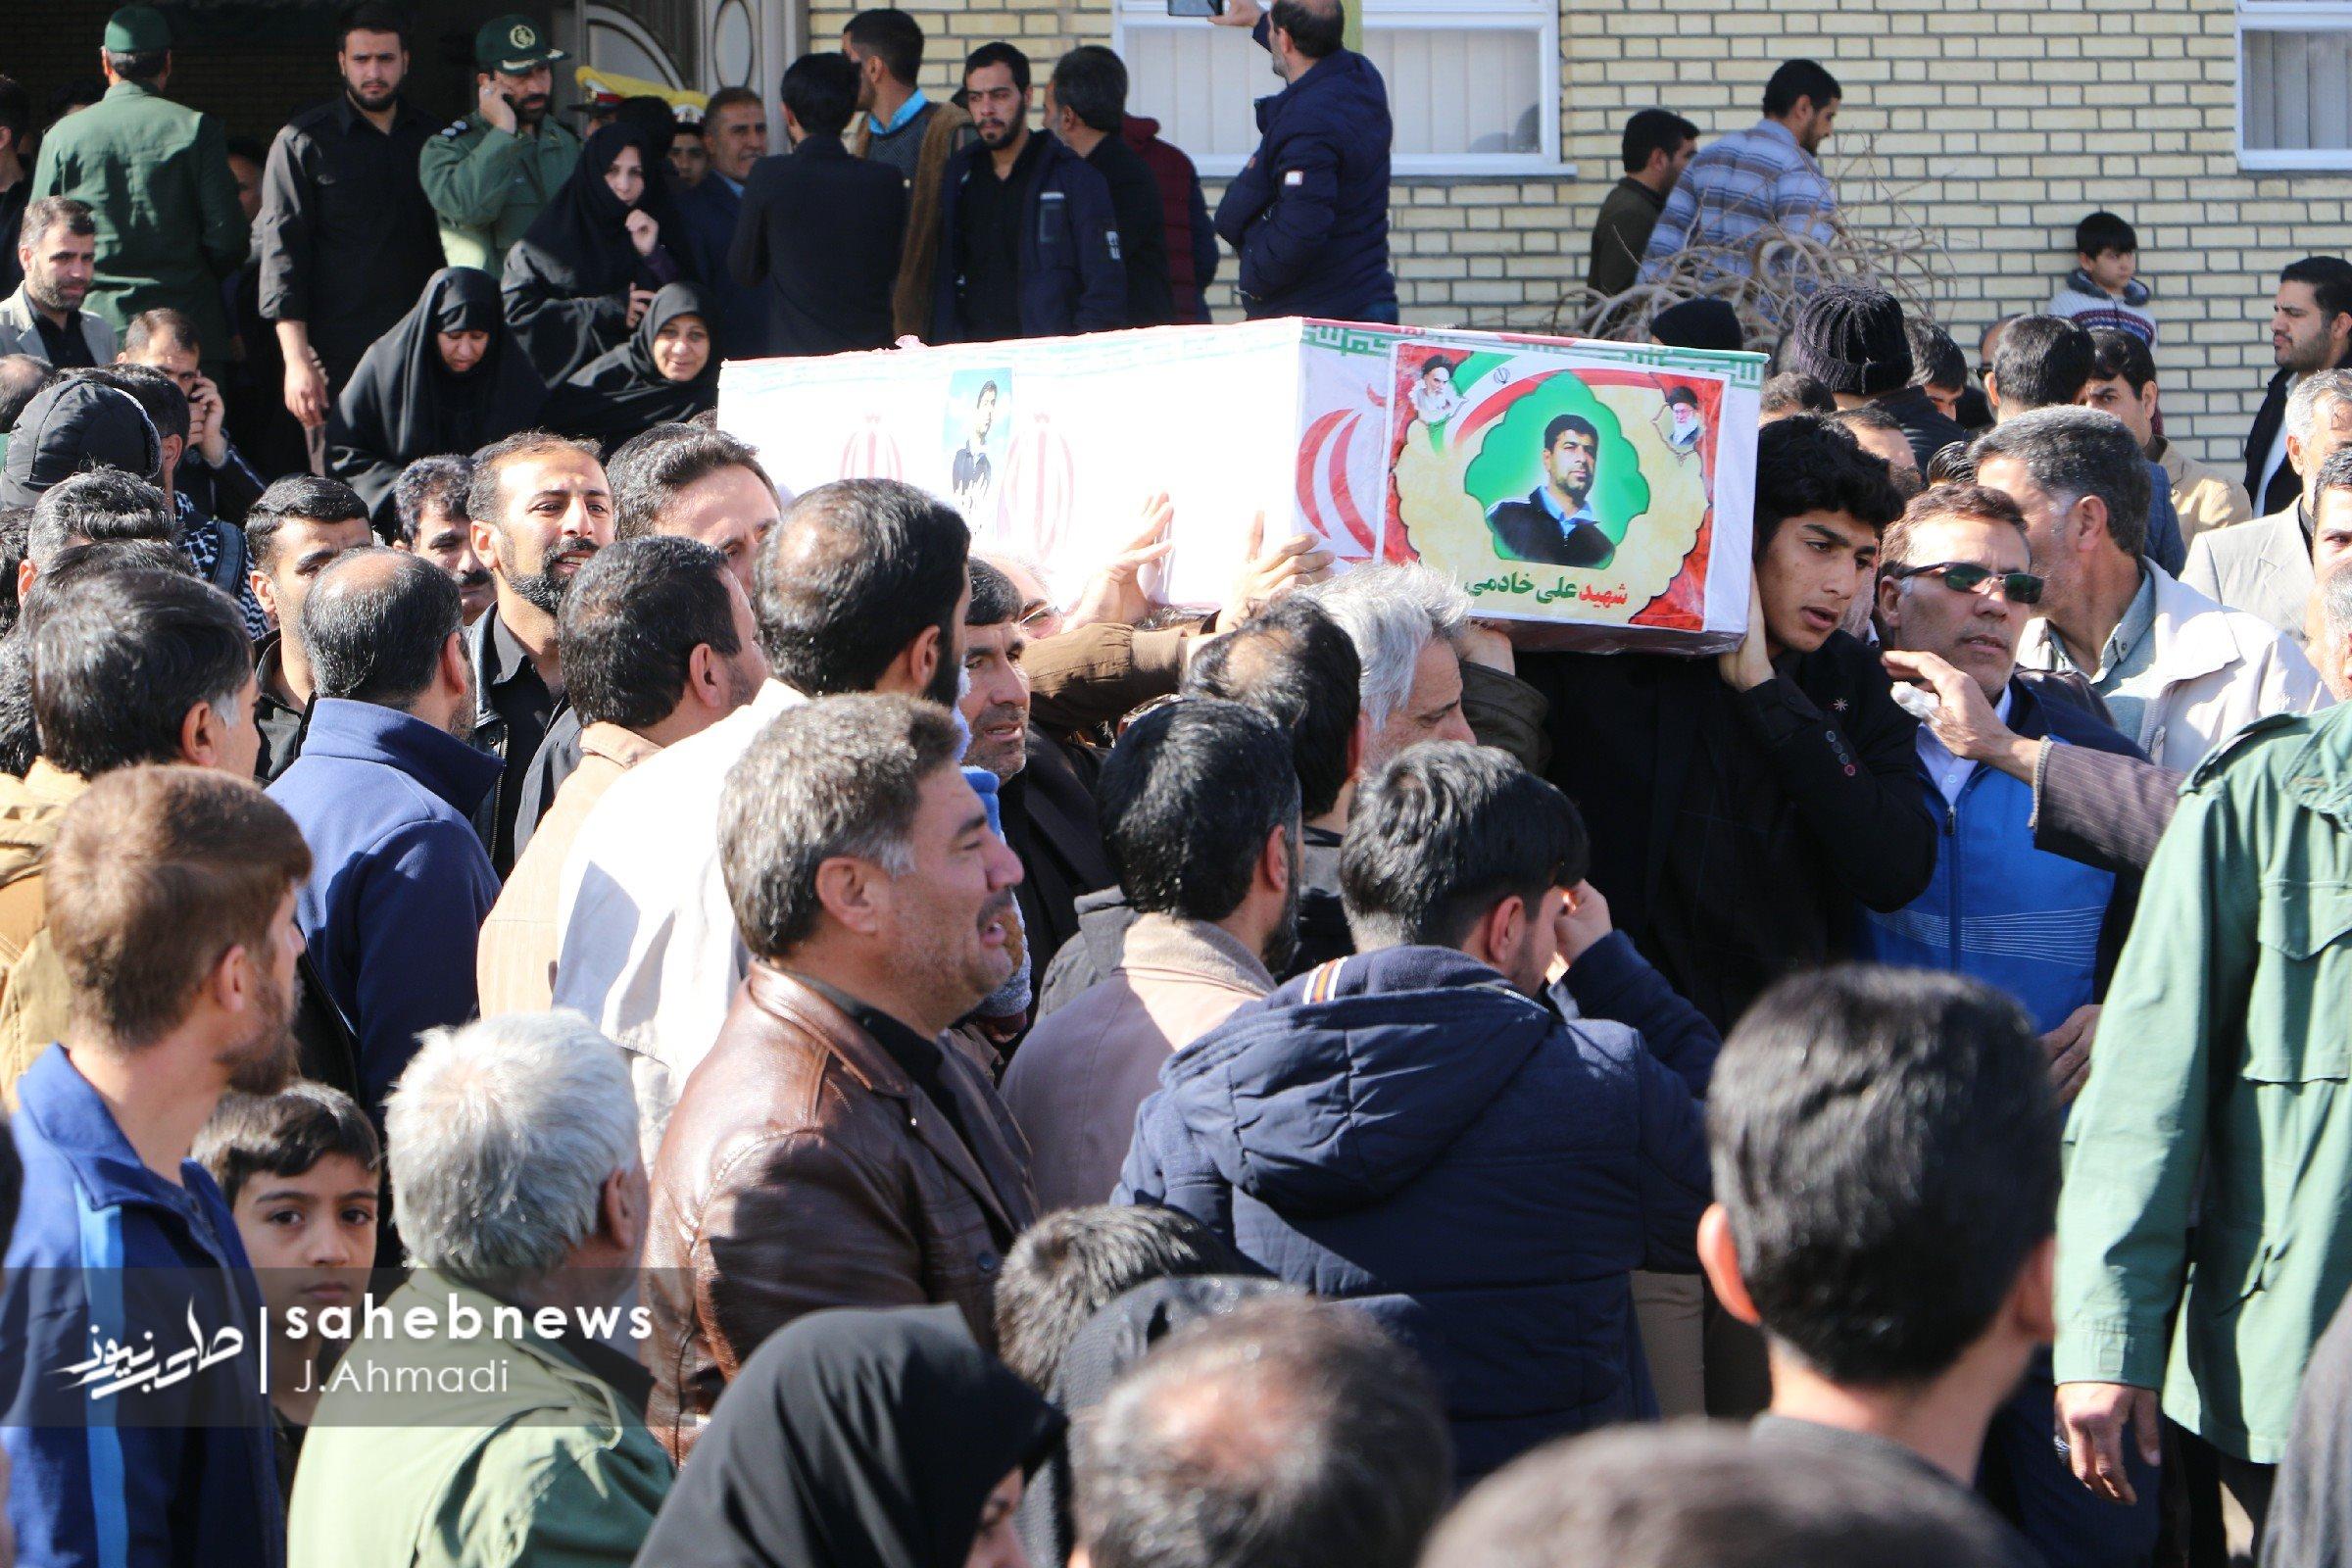 27 شهید حادثه تروریستی اصفهان (23)